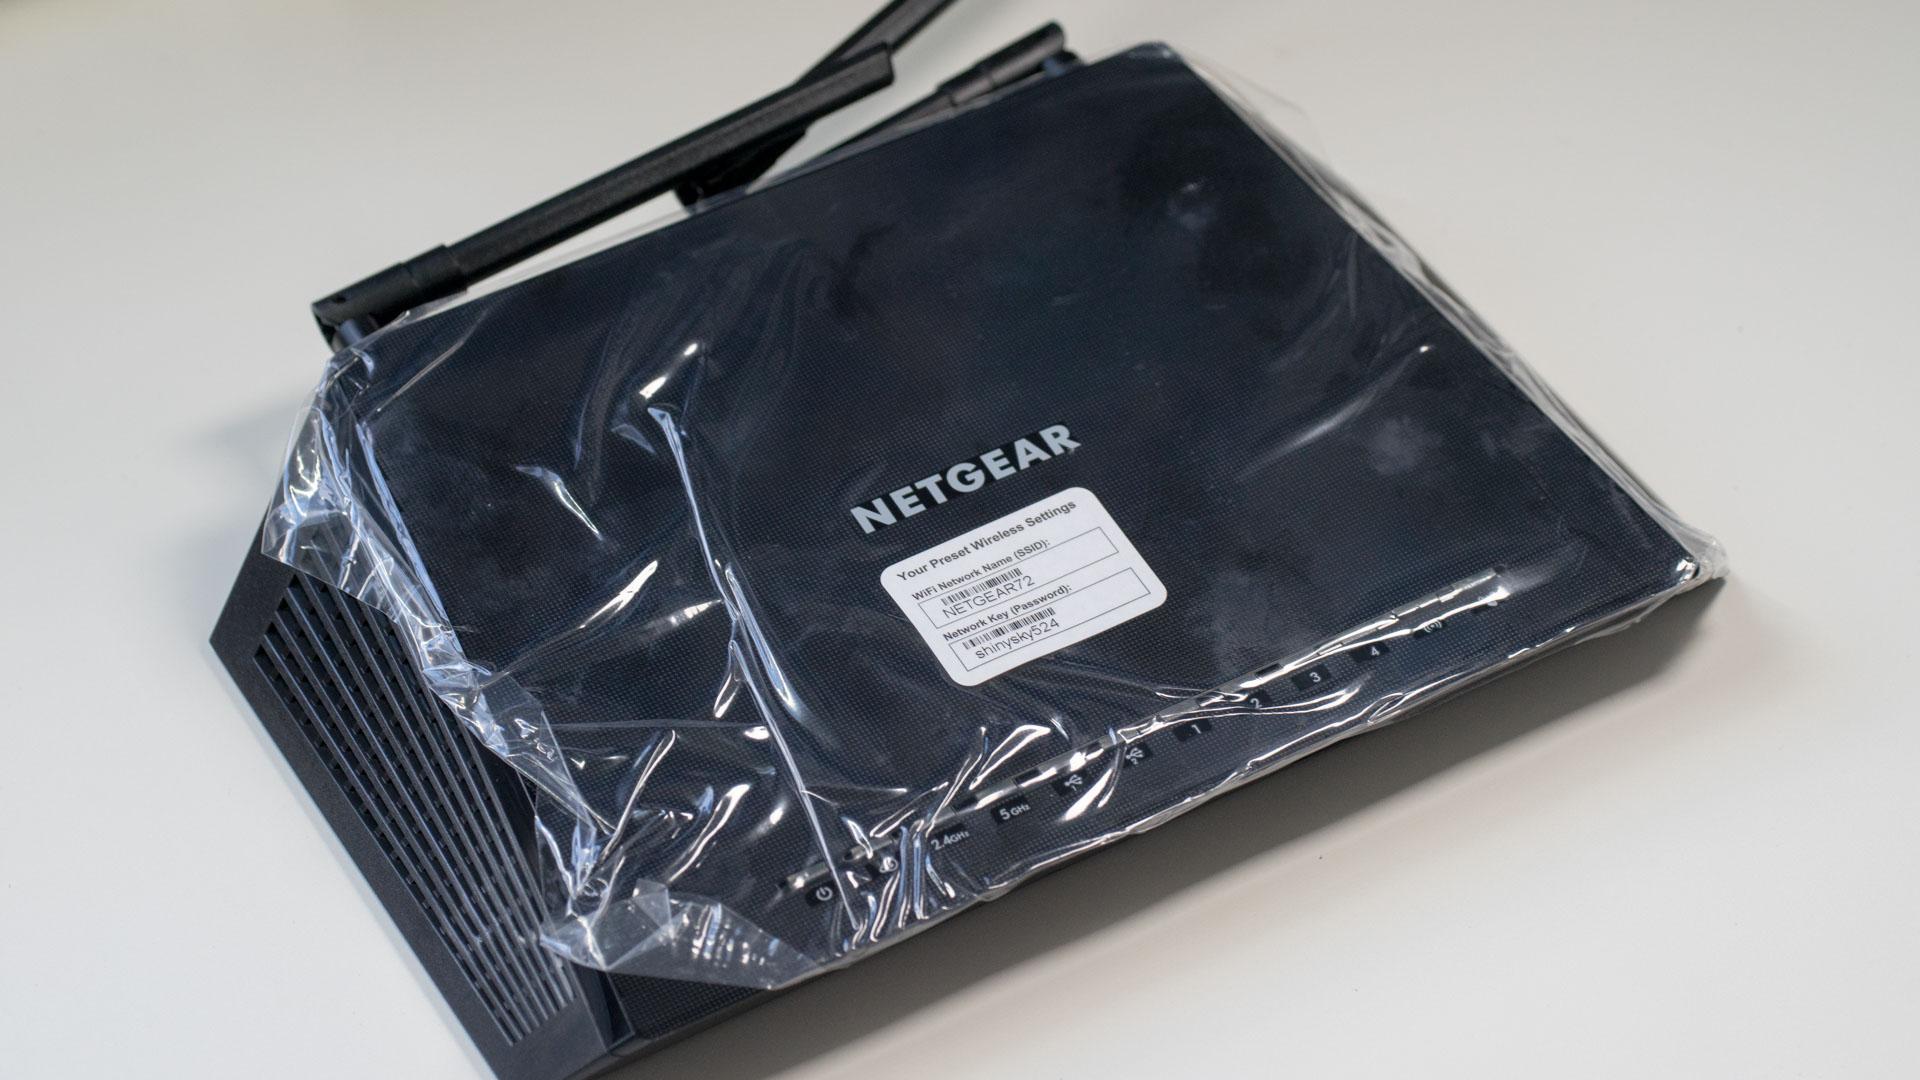 Netgears neuster und bester WLAN Router!? Netgear R6400 Review ...